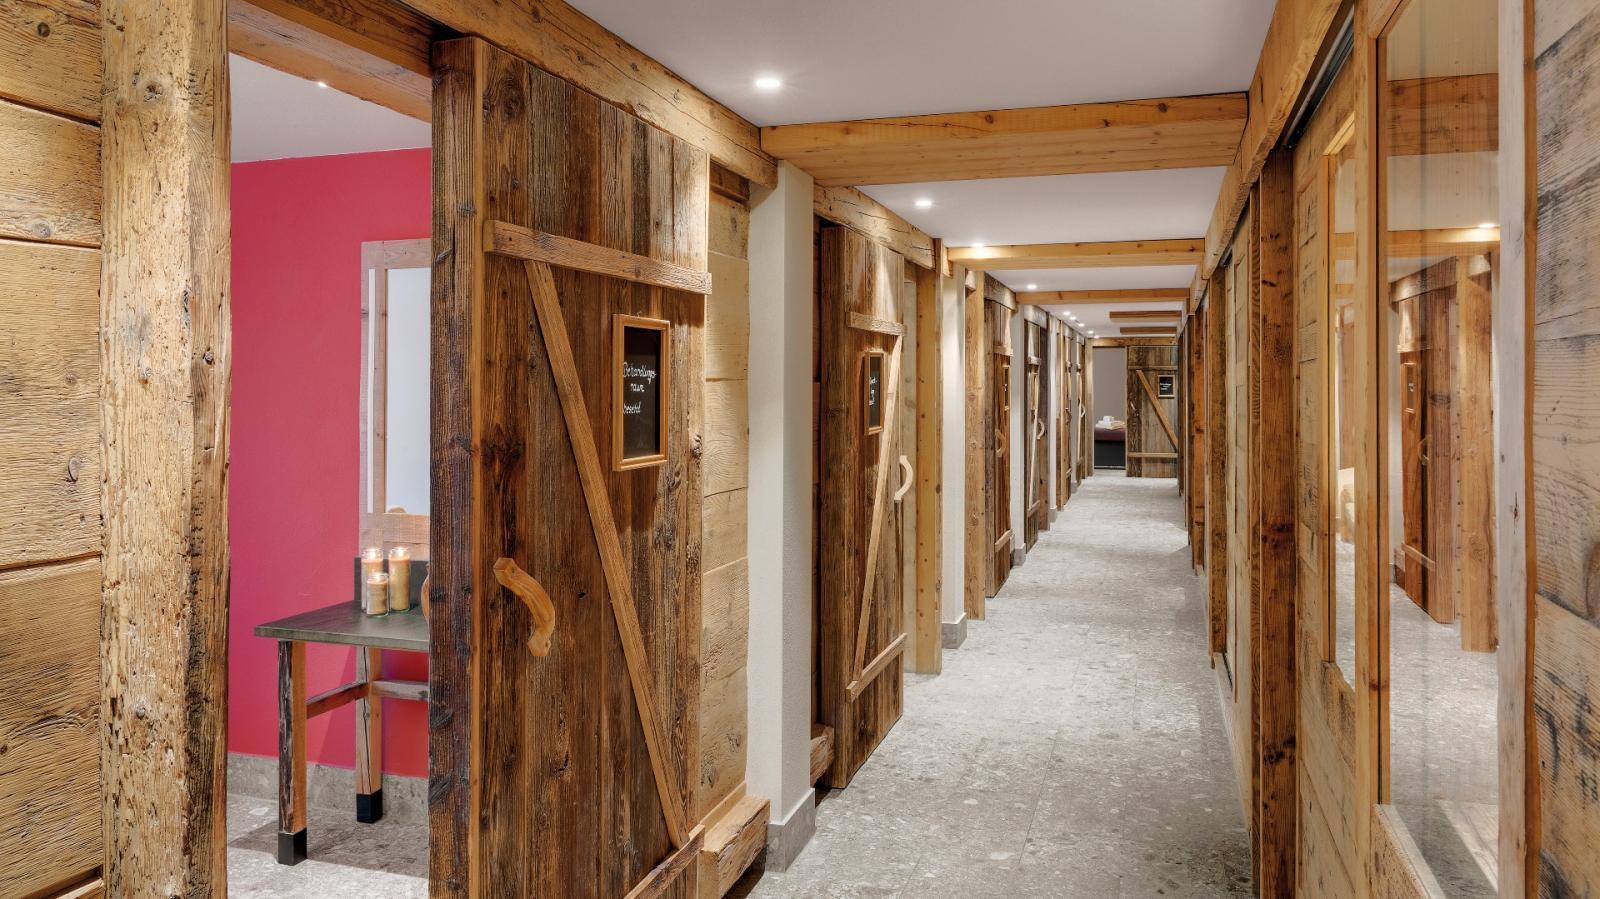 Wirbelsäulenbehandlung: Foto vom Wellnesshotel Hotel Oberstdorf   Wellness Bayern